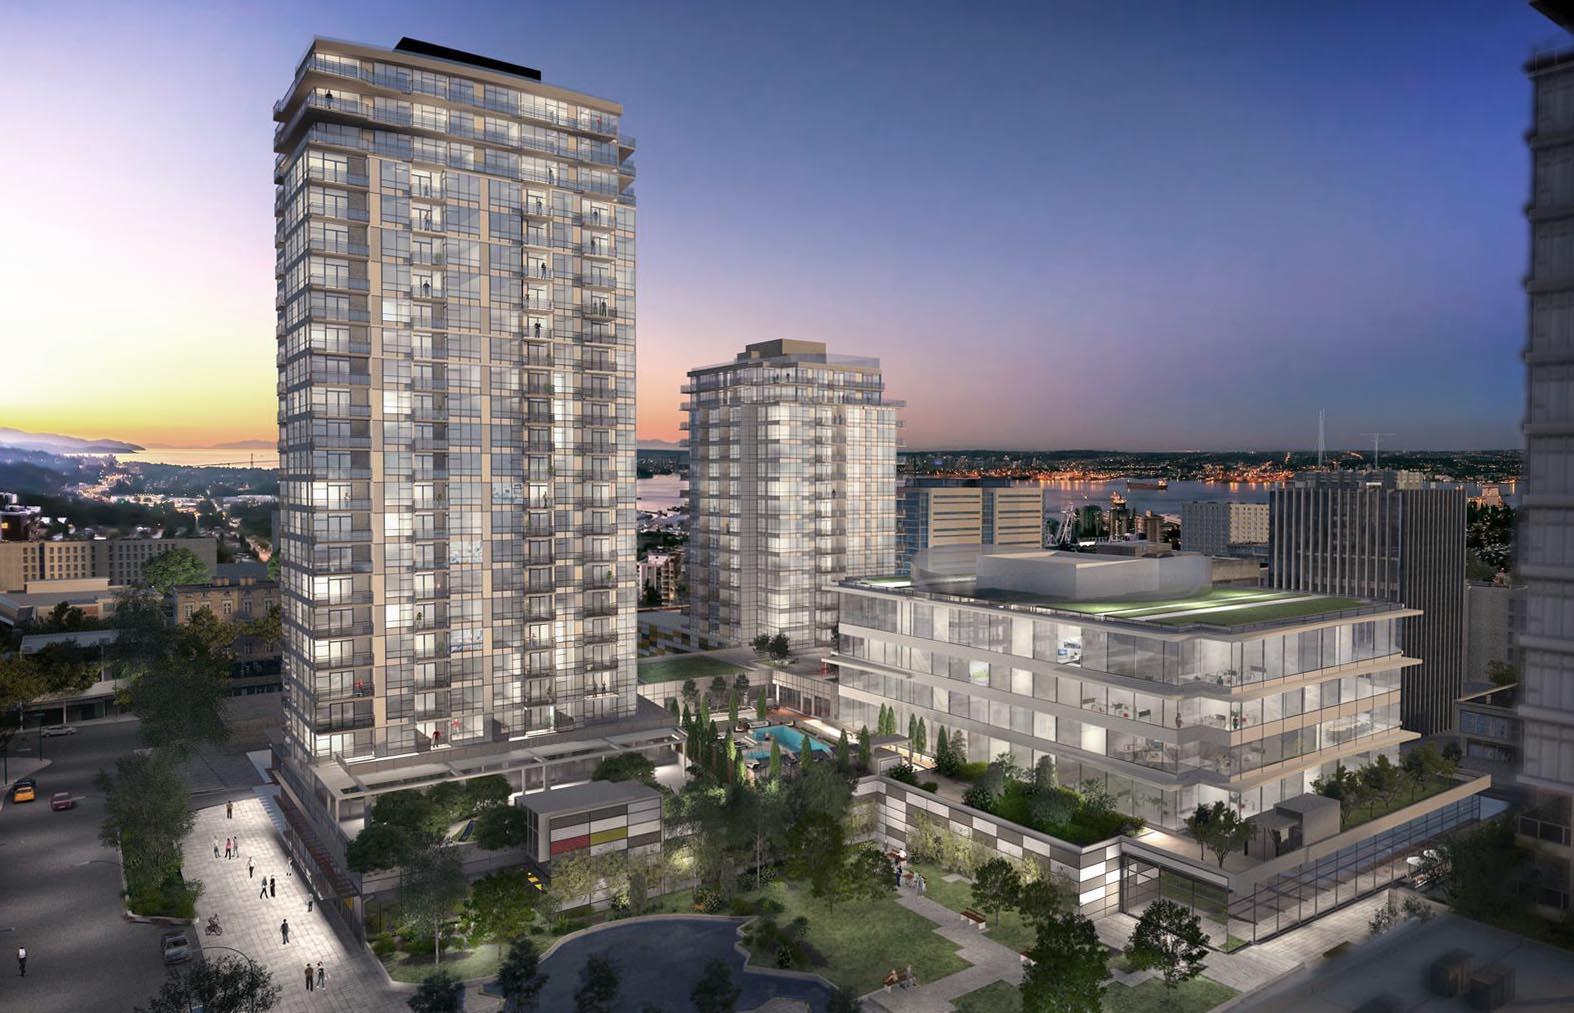 condos of North Vancouver